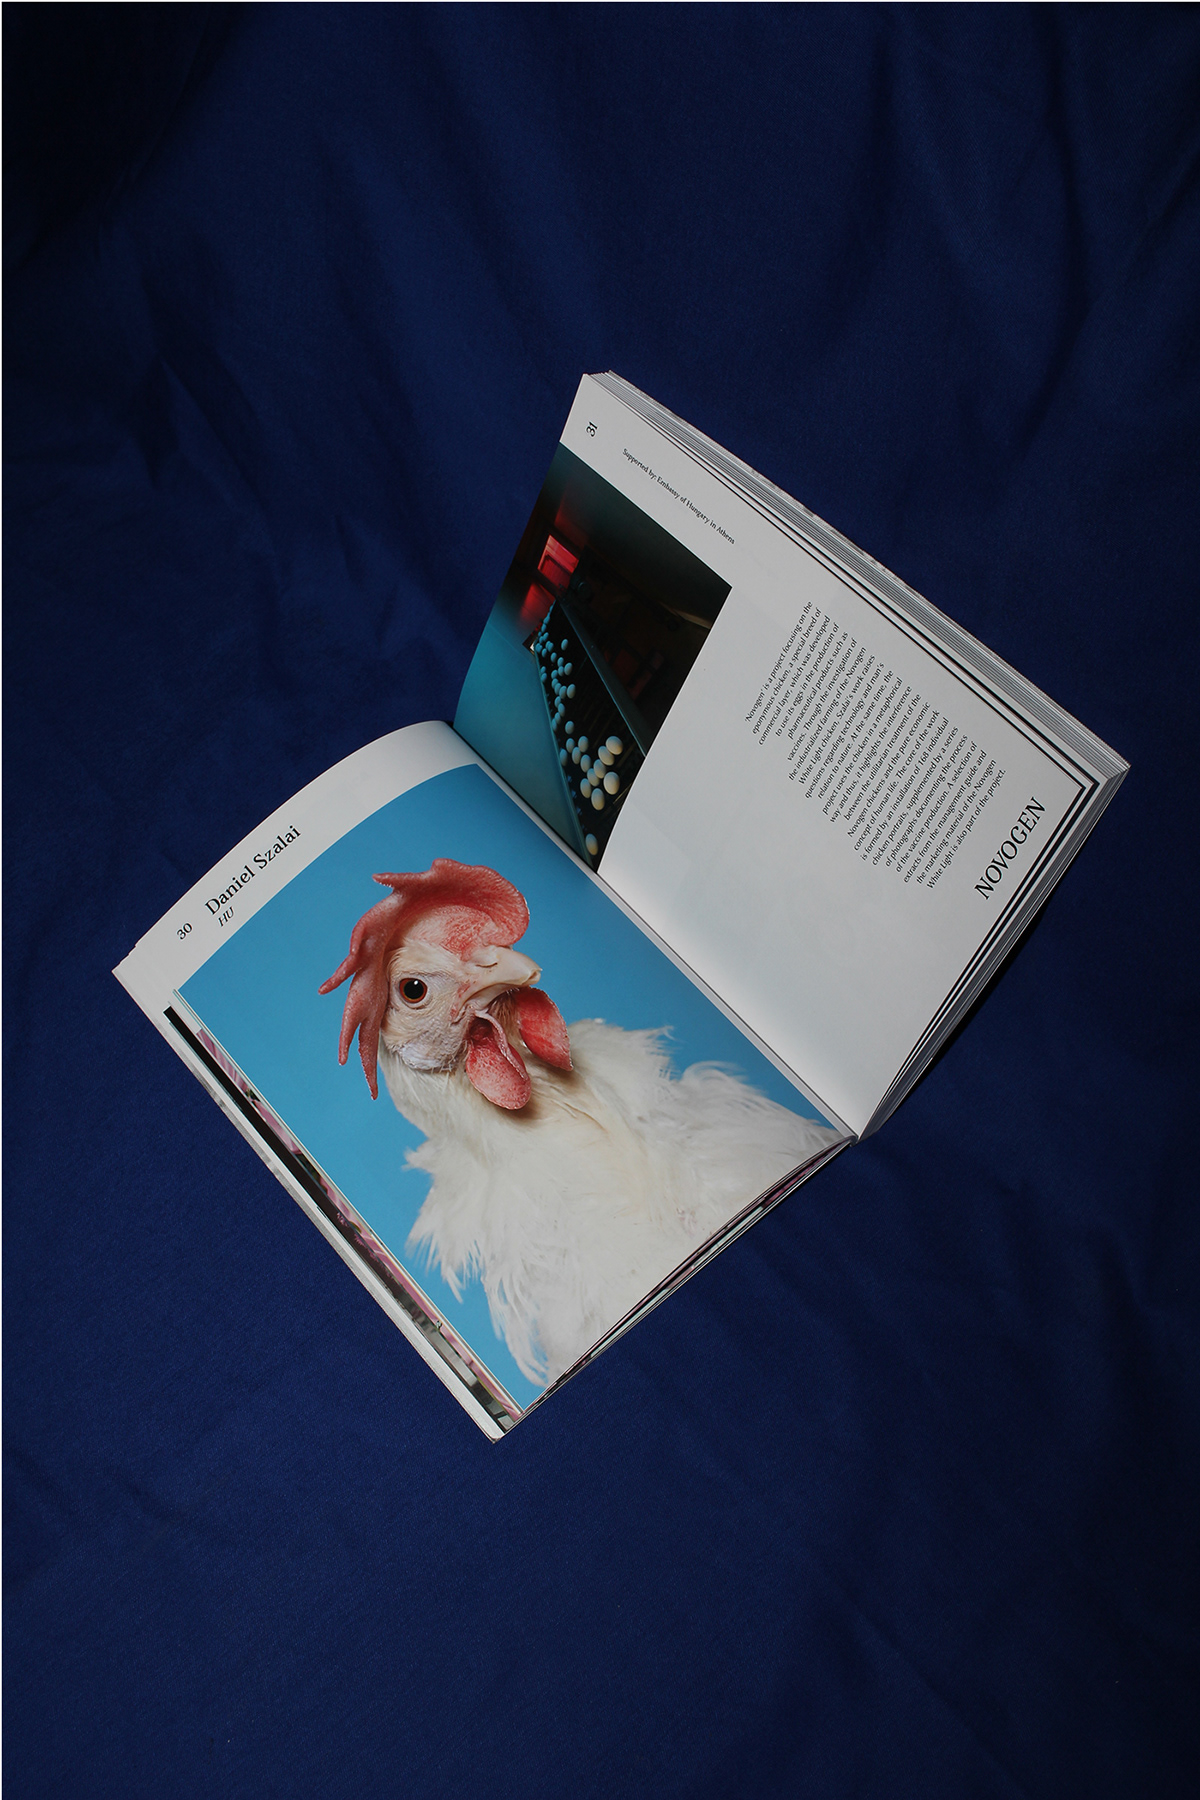 book design Catalogue Exhibition  publication silver art direction  Athens Photo Festival editorial design  graphic design  matina nikolaidou